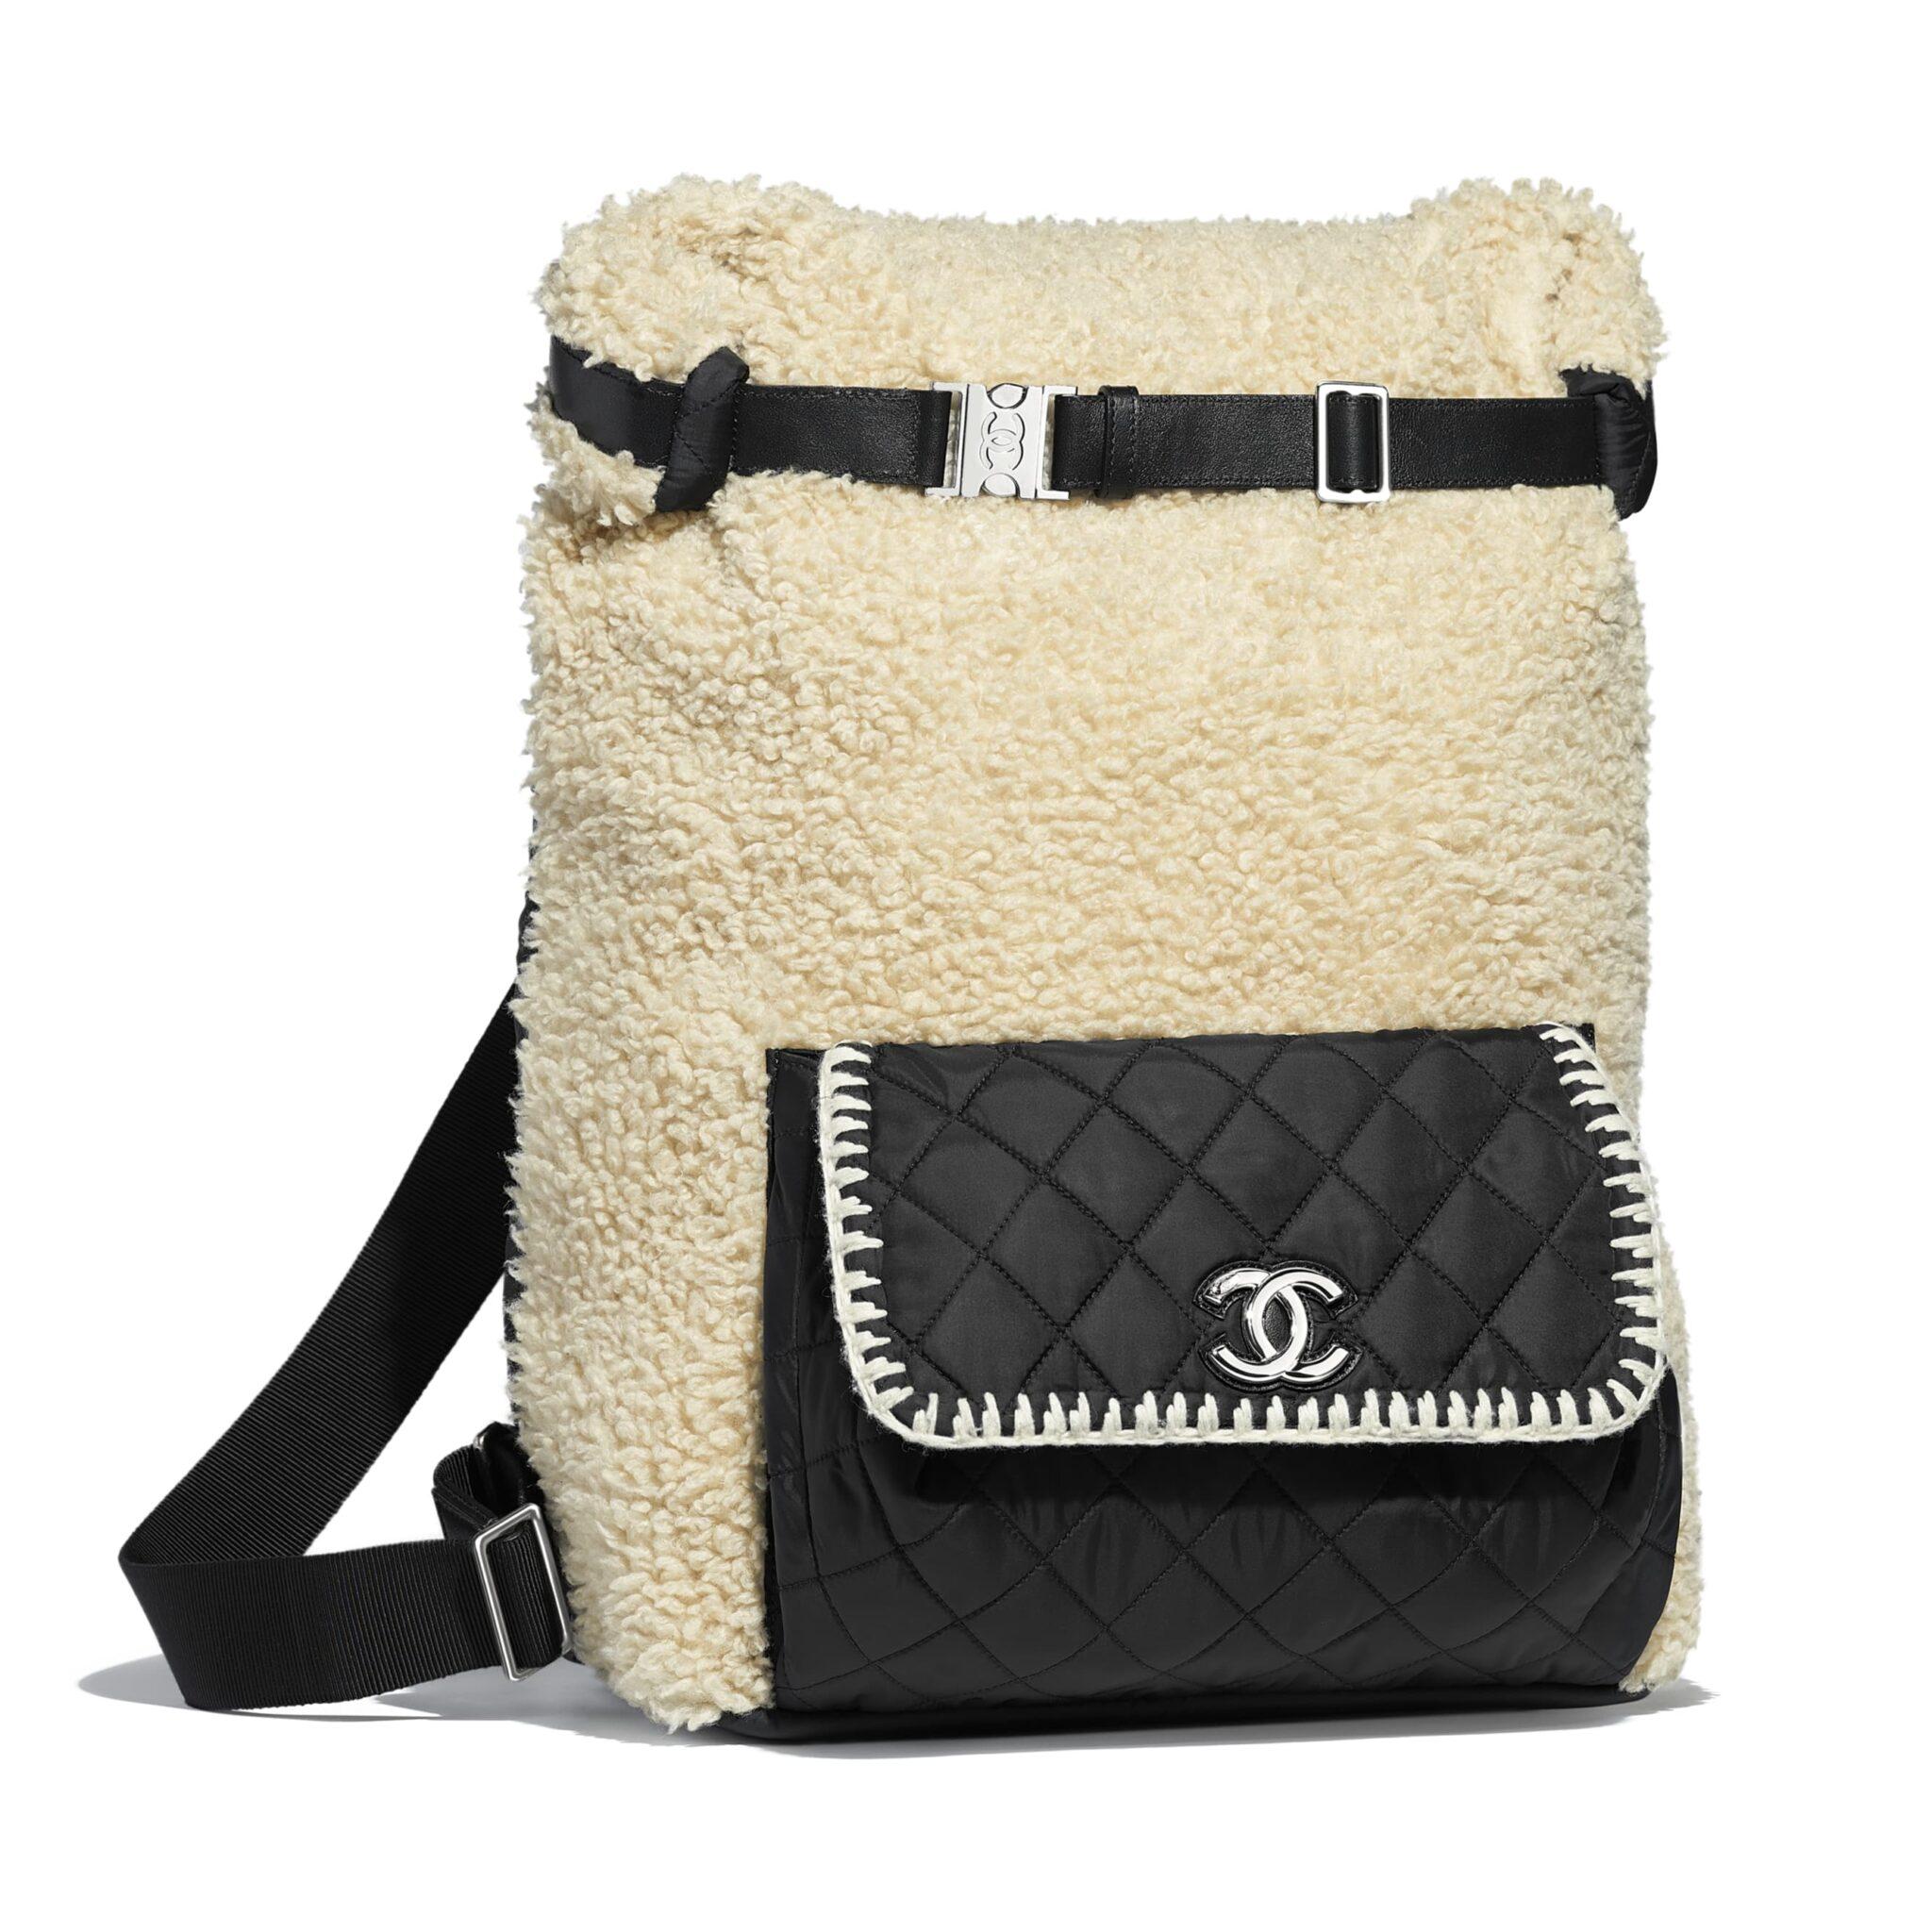 720a1ad4f503 Chanel Black/Ecru Wool/Nylon/Calfskin Coco Neige Large Backpack Bag